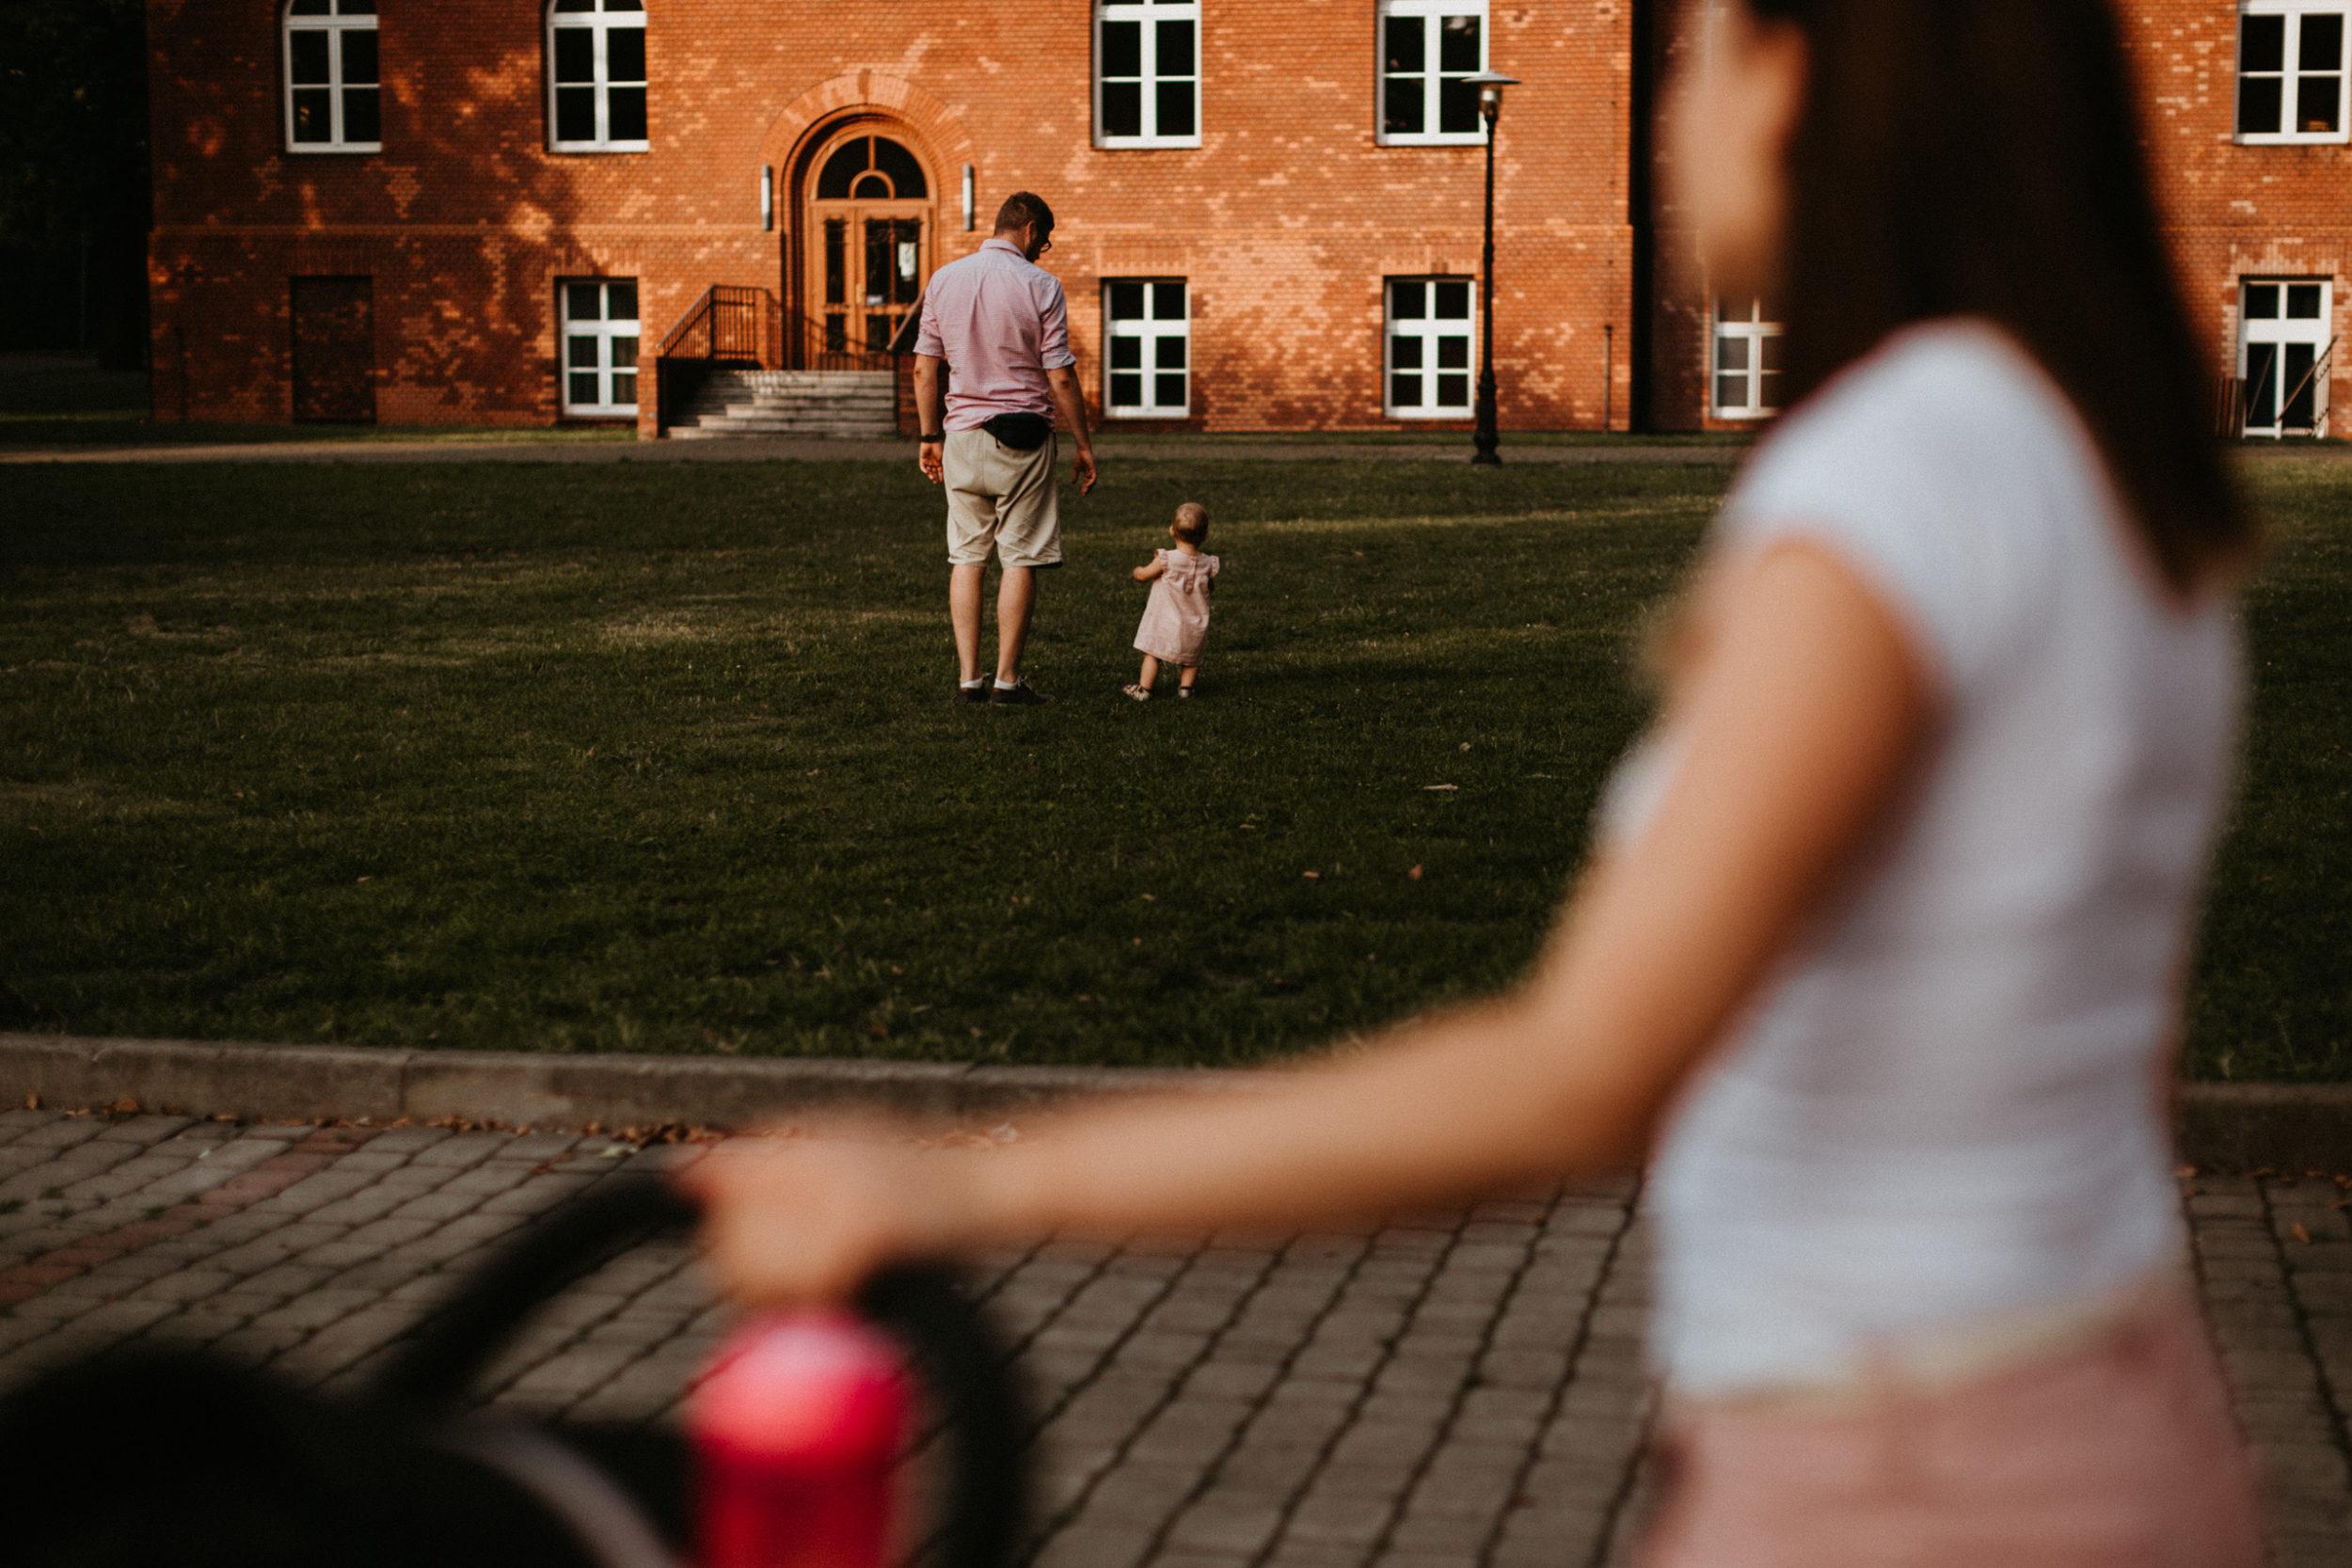 sesja rodzinna w miescie fotografia slask 00027